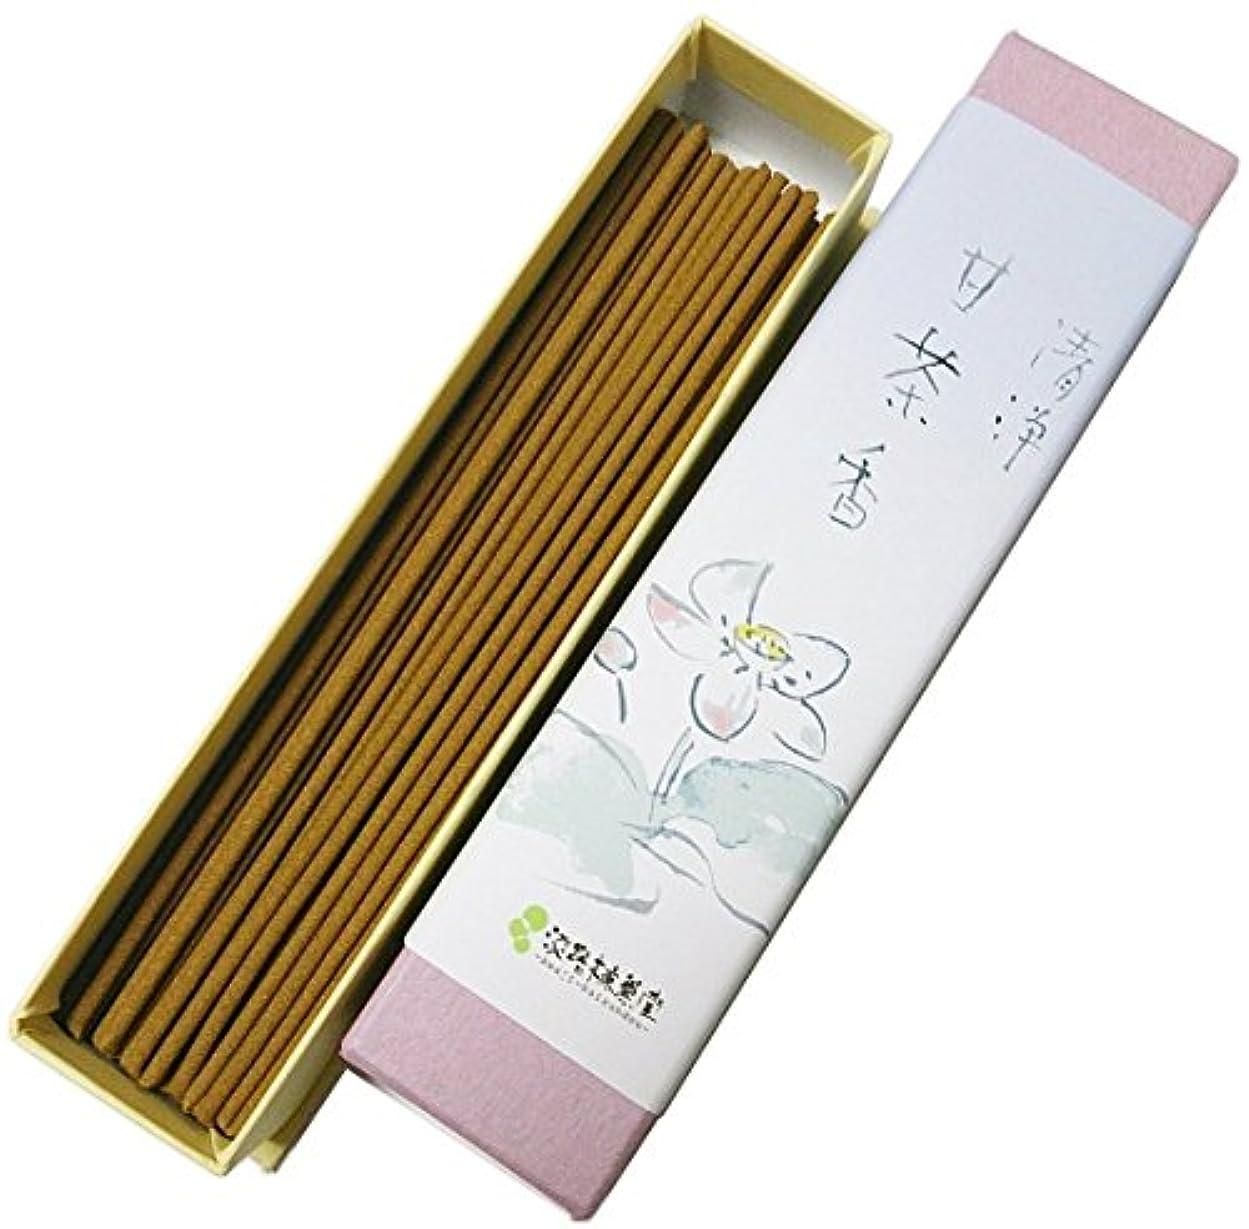 独占削除する肝淡路梅薫堂の浄化お香 清浄甘茶香 18g #31 ×200 japanese incense sticks